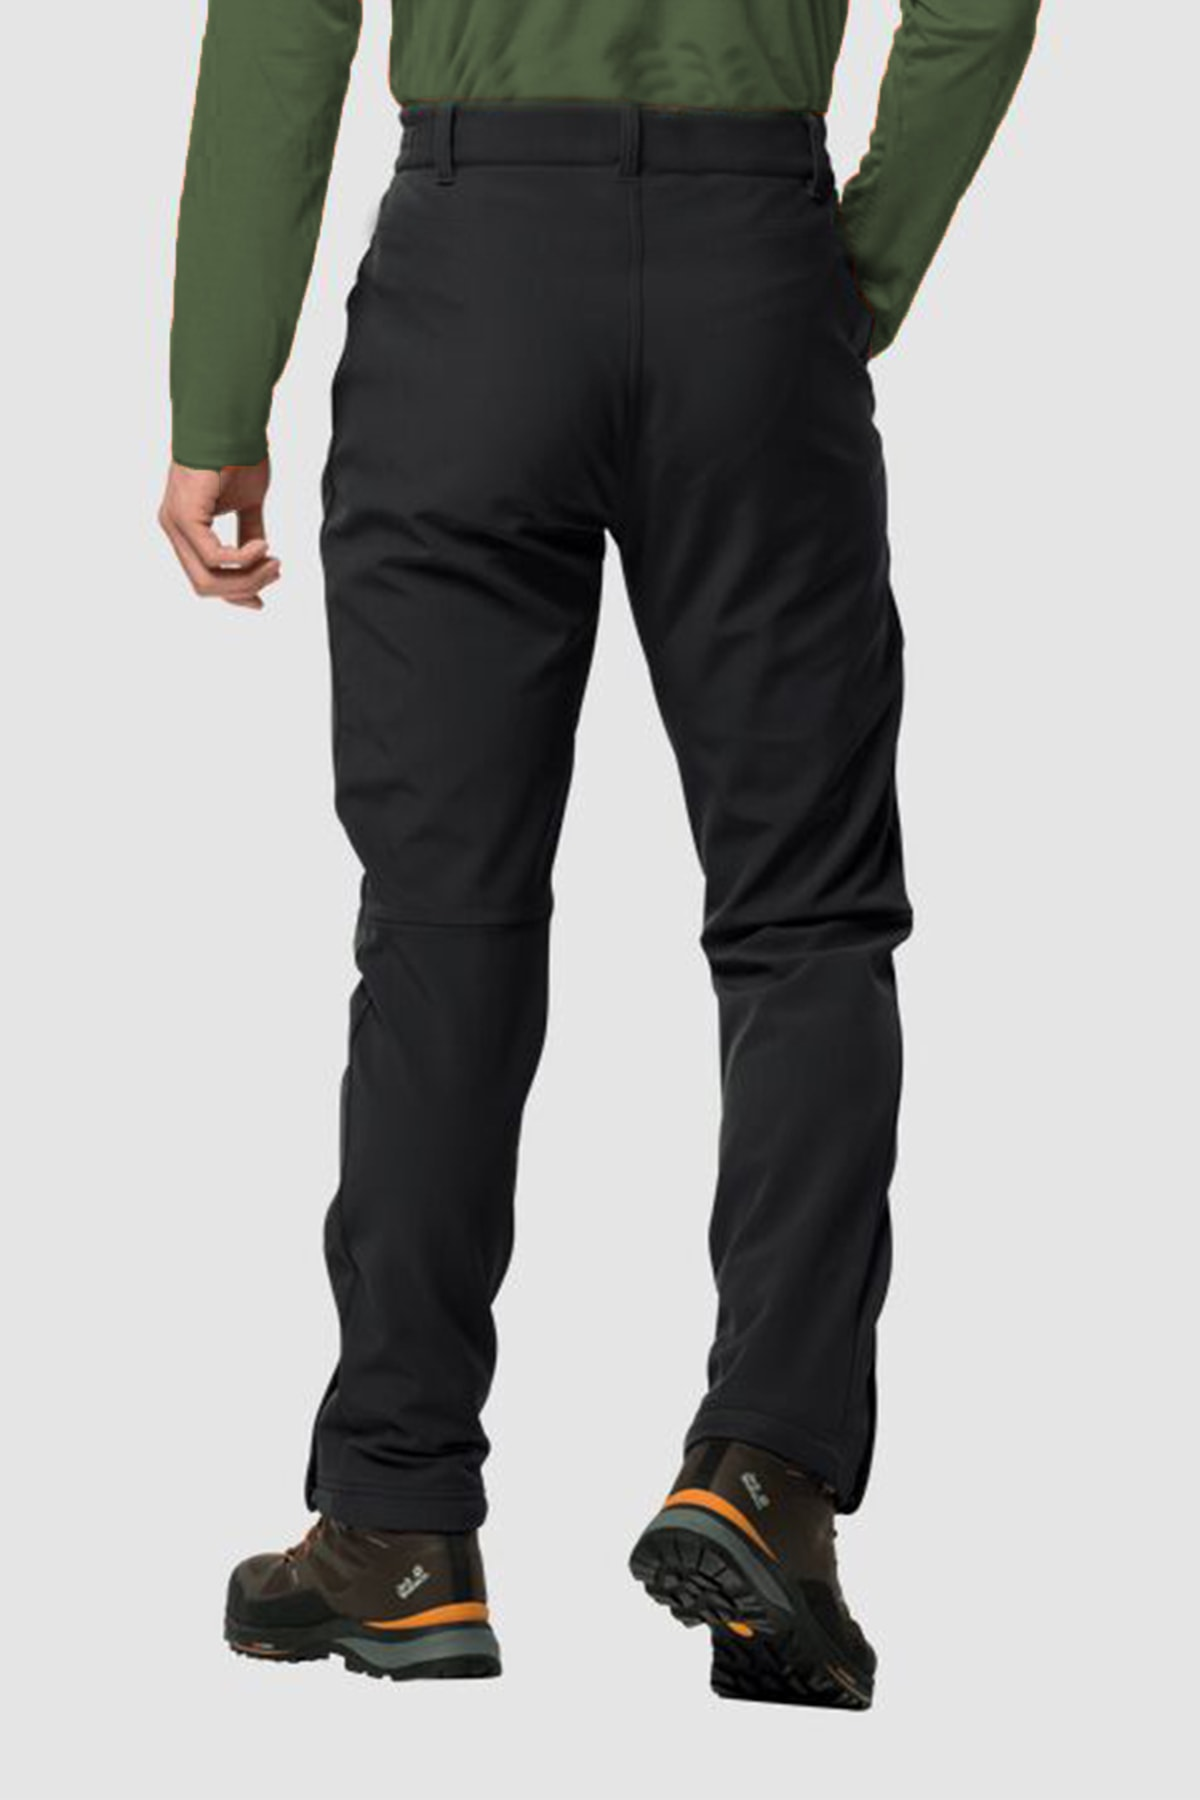 MACSYLEN Su Ve Rüzgar Geçirmez Içi Kürklü Outdoor Pantolon 2